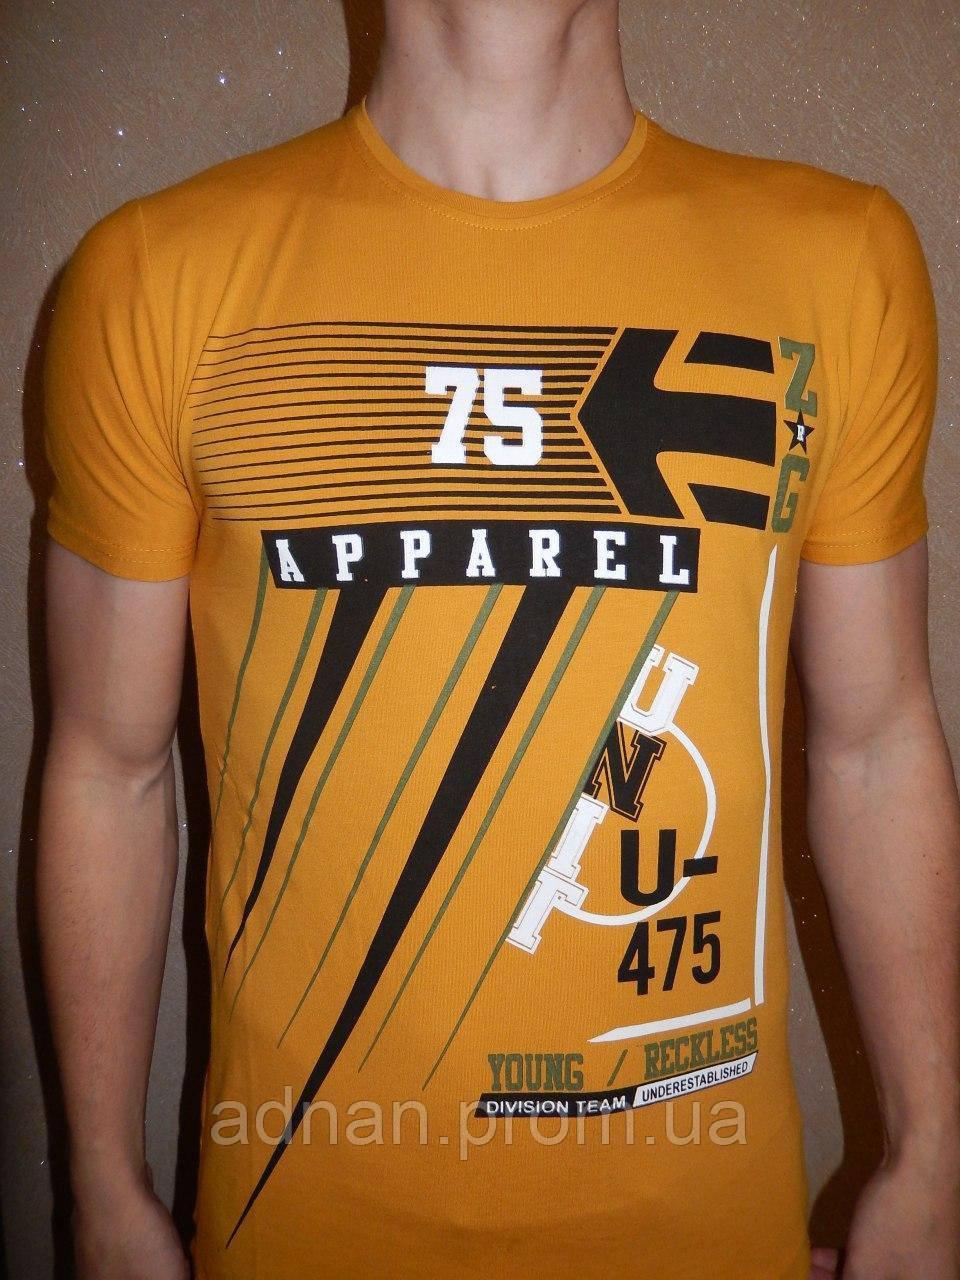 Футболка мужская RBS, накатка стрейч коттон APPAREL 003 \ купить футболку мужскую оптом